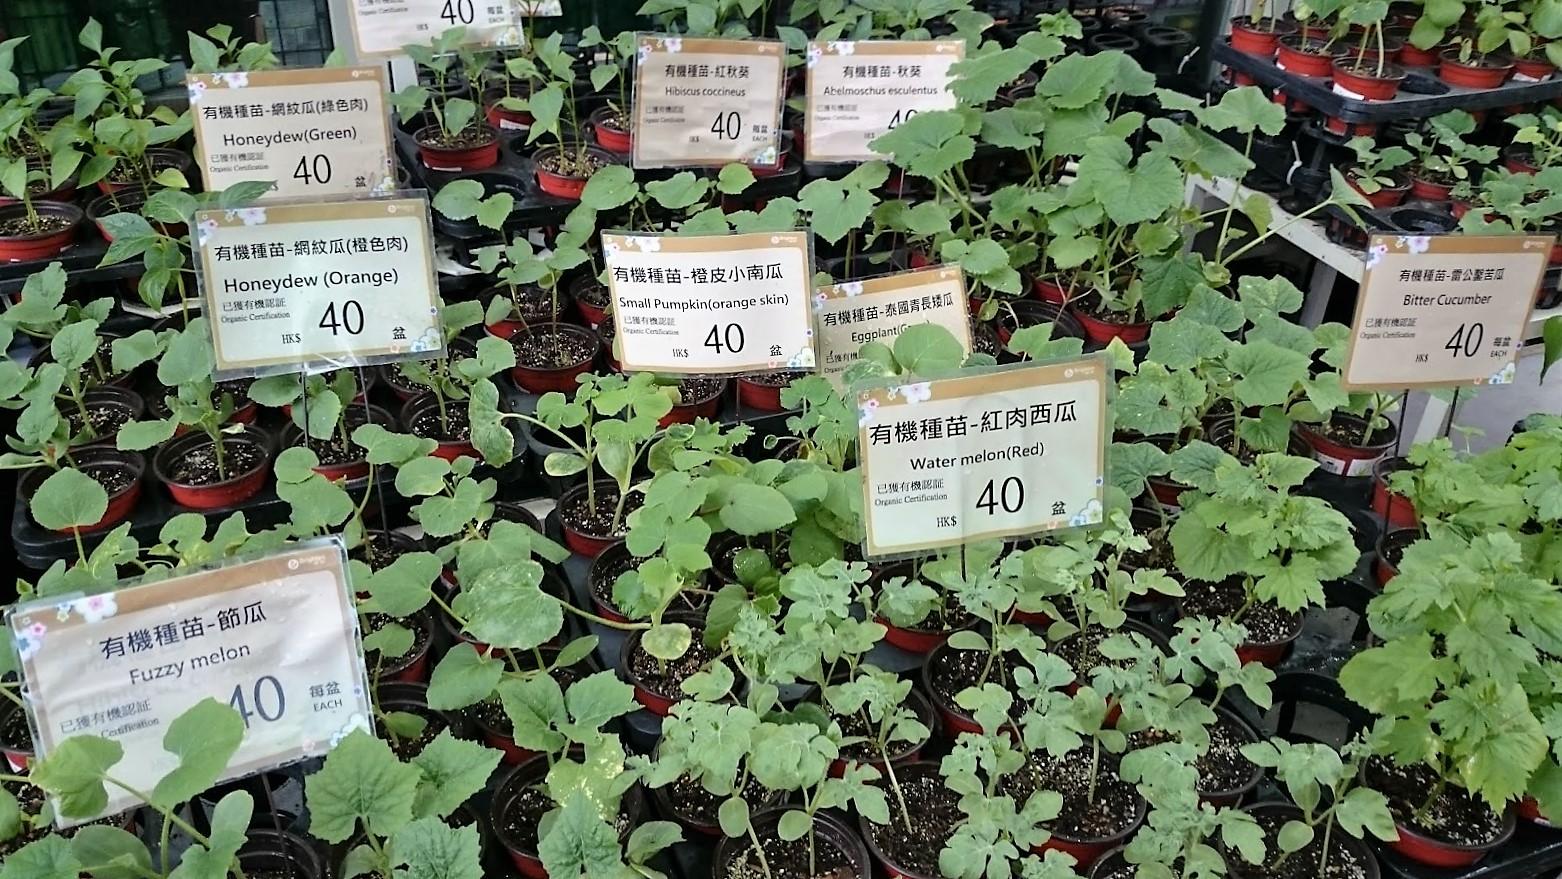 kukkamarkkinat hongkong markkinat nähtävyydet